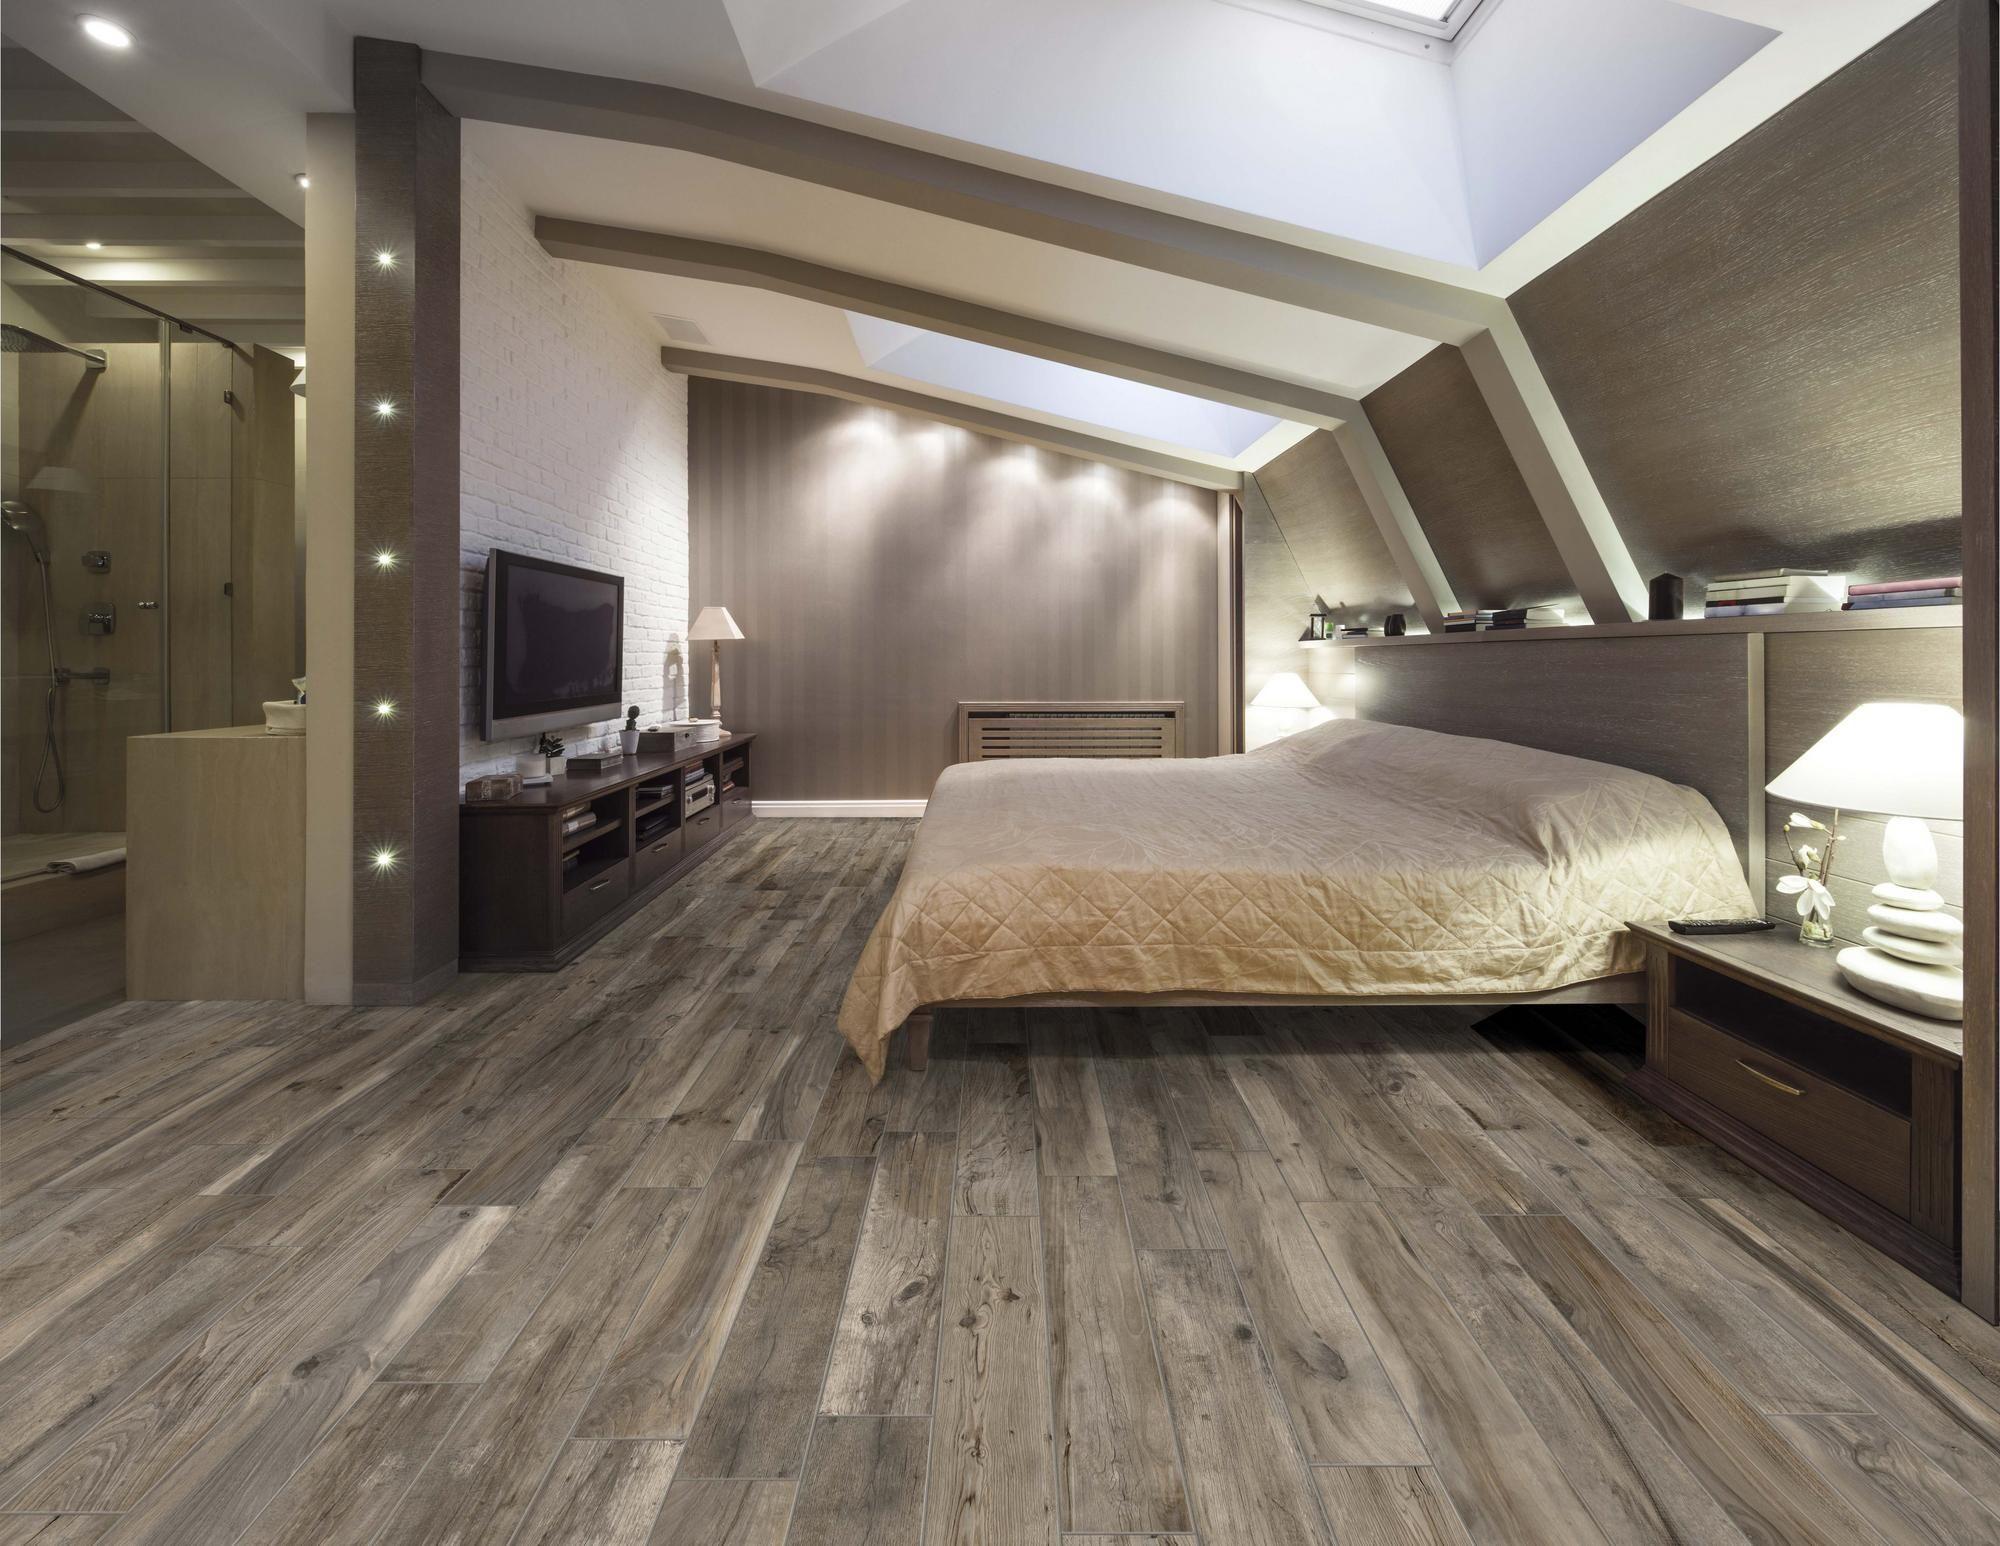 Soft Ash Wood Plank Porcelain Tile Remodel Bedroom Attic Master